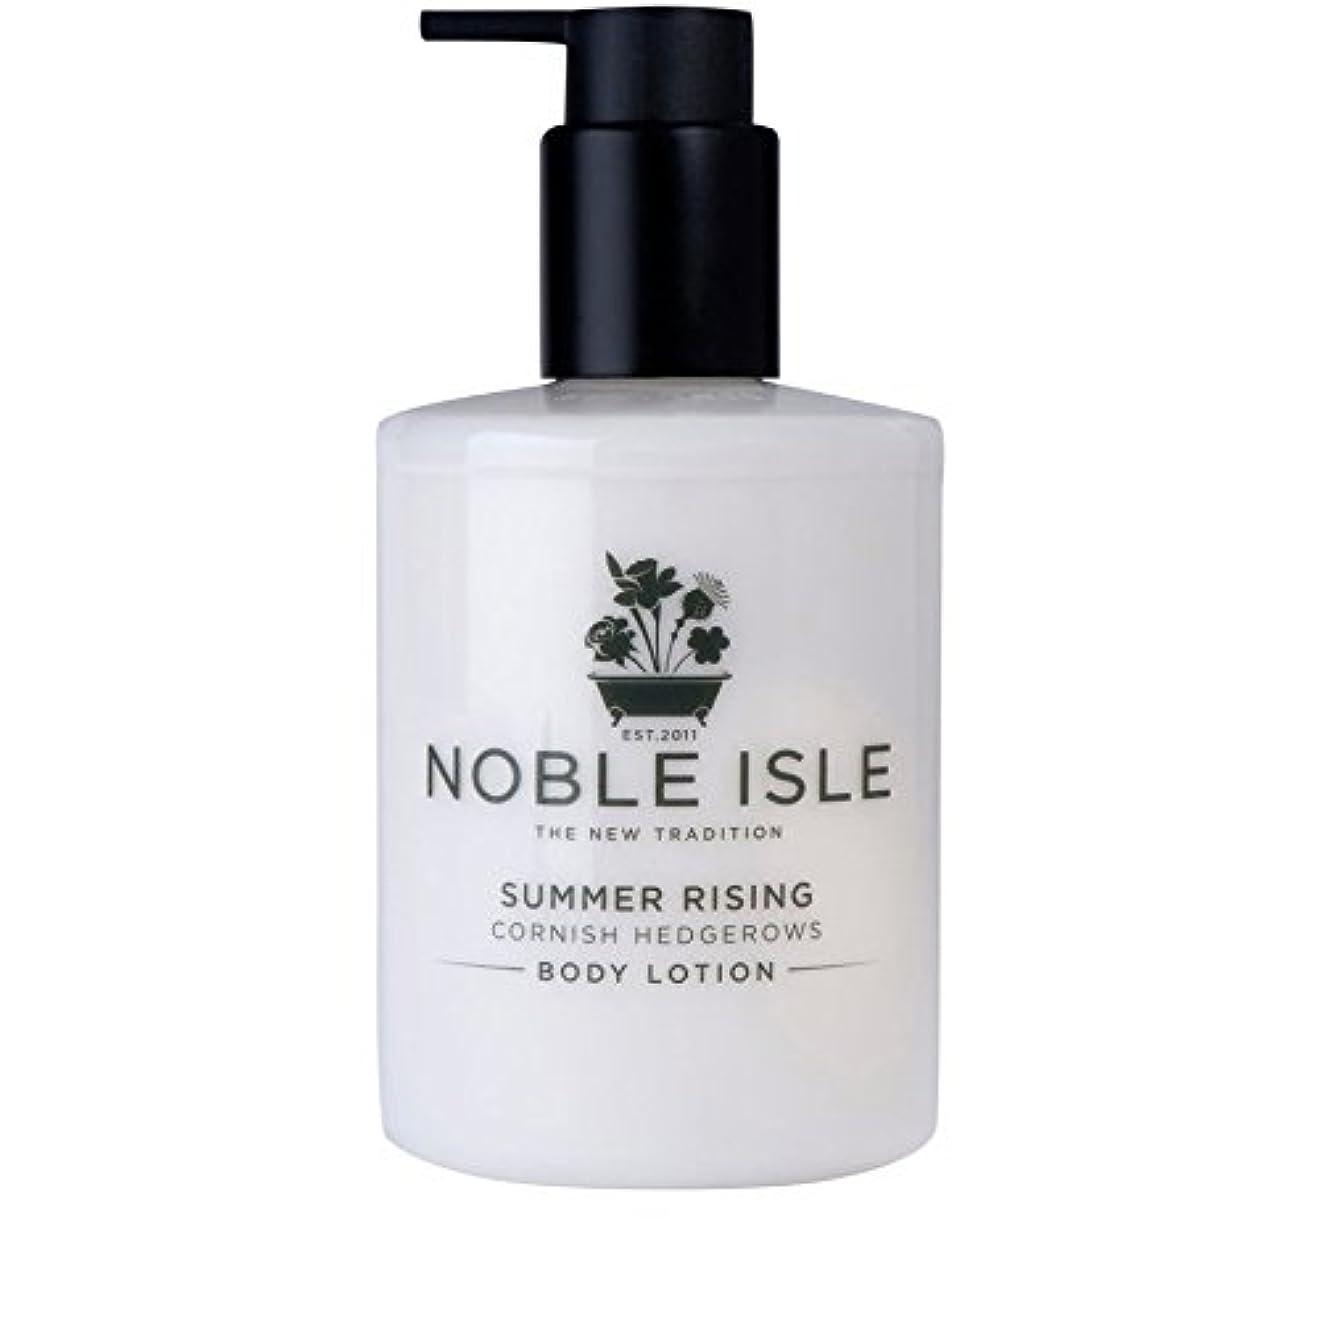 ジーンズ開梱ミットNoble Isle Summer Rising Cornish Hedgerows Body Lotion 250ml - コーニッシュ生け垣ボディローション250ミリリットルを上昇高貴な島の夏 [並行輸入品]